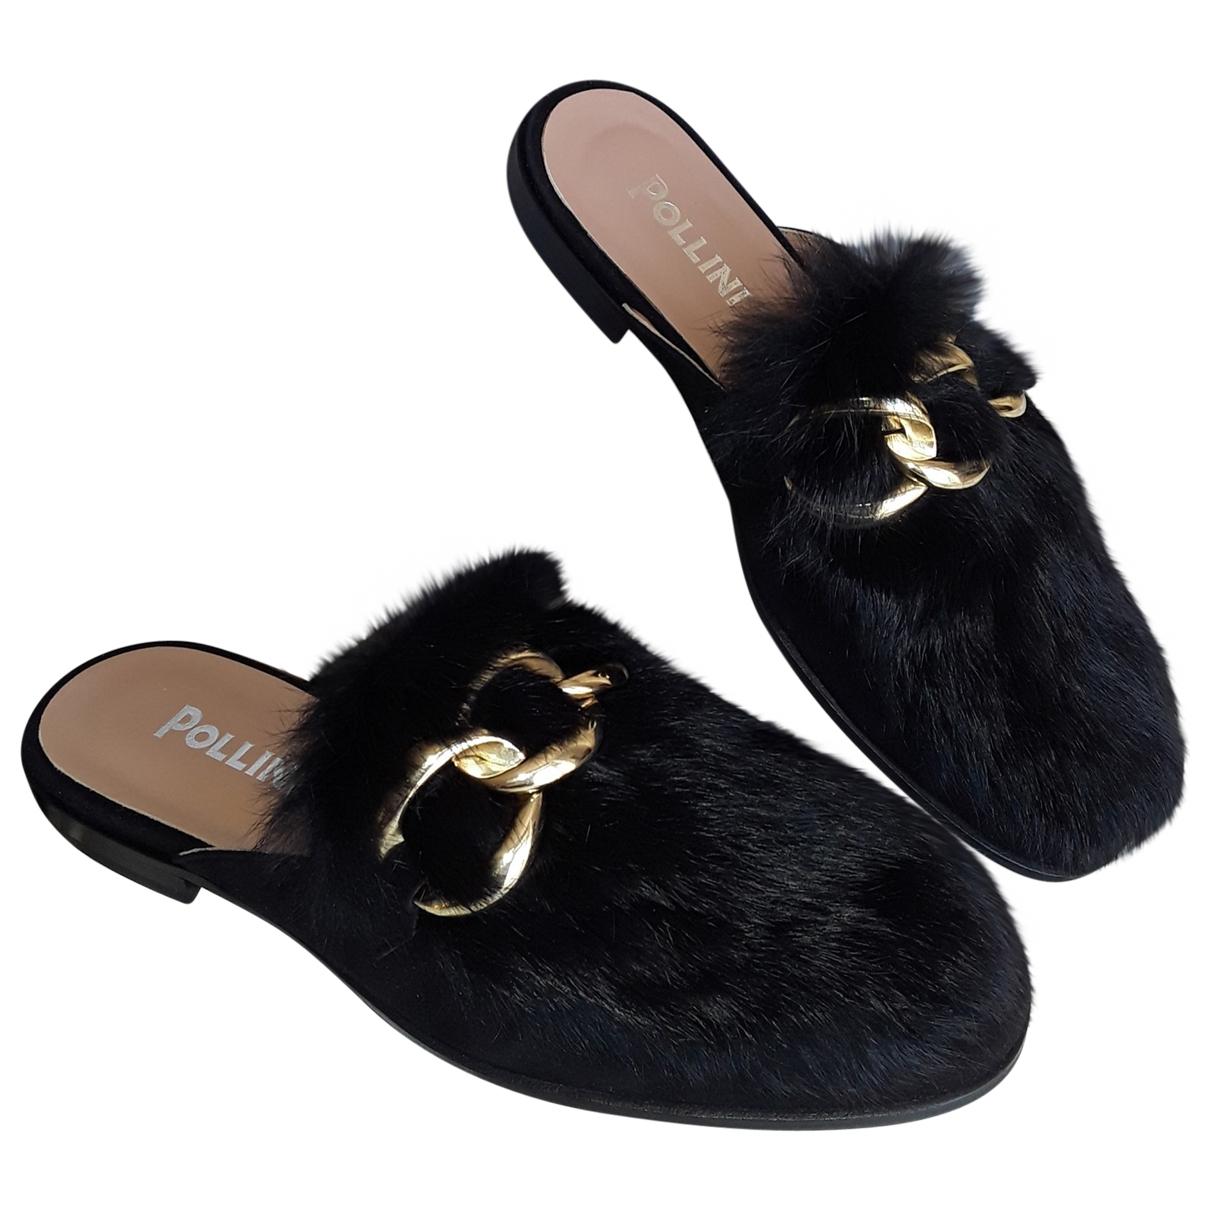 Sandalias de Cuero Pollini